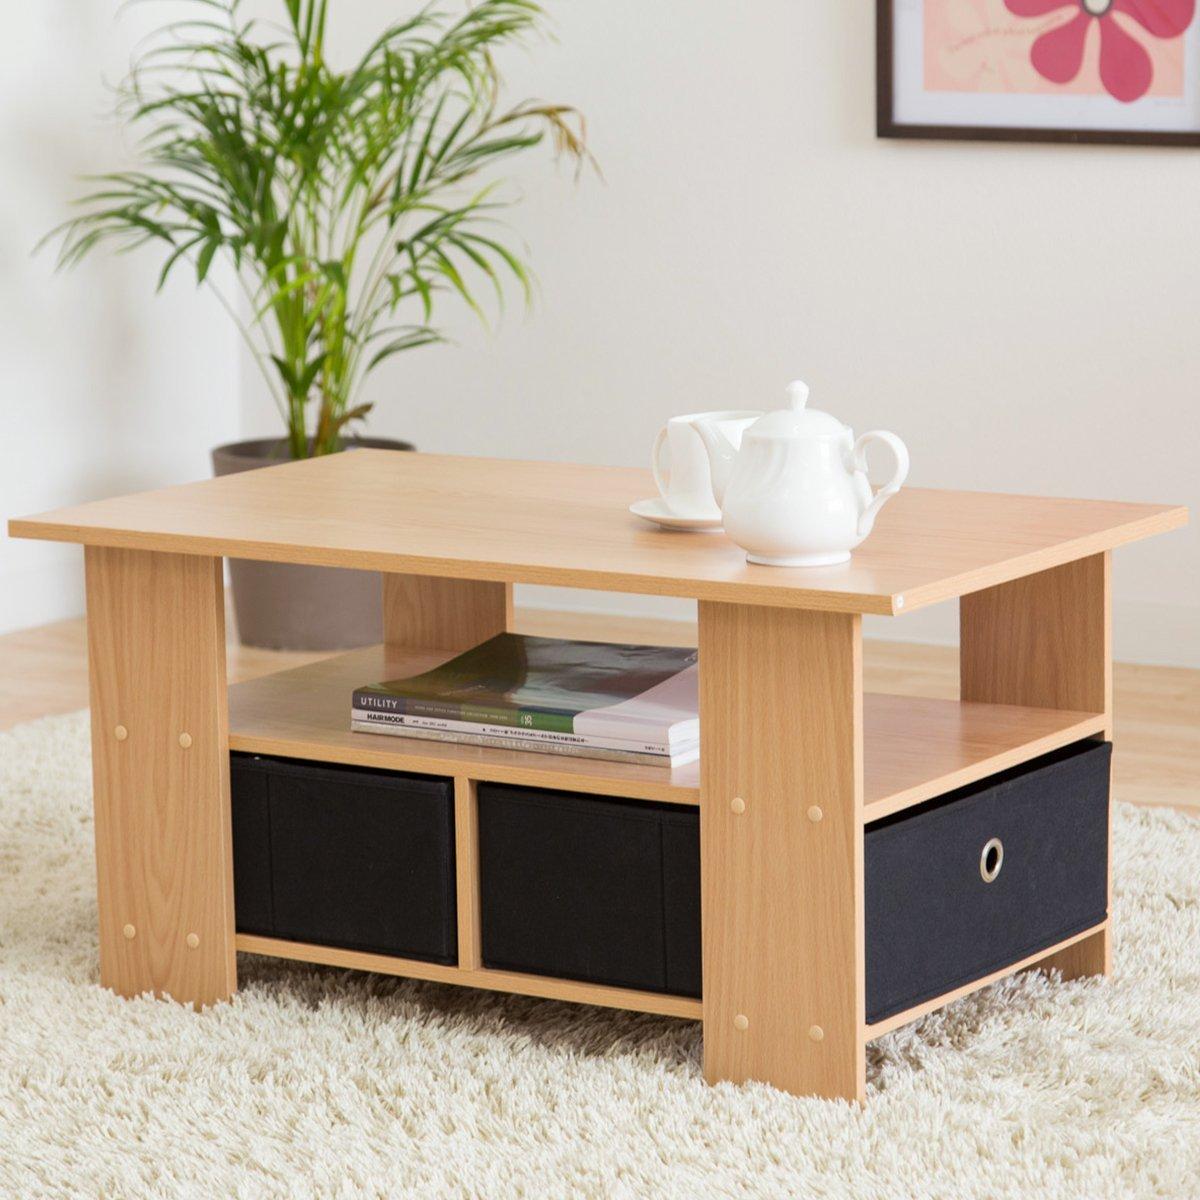 ローテーブルのおすすめ15選!IKEAやニトリのおしゃれな商品も